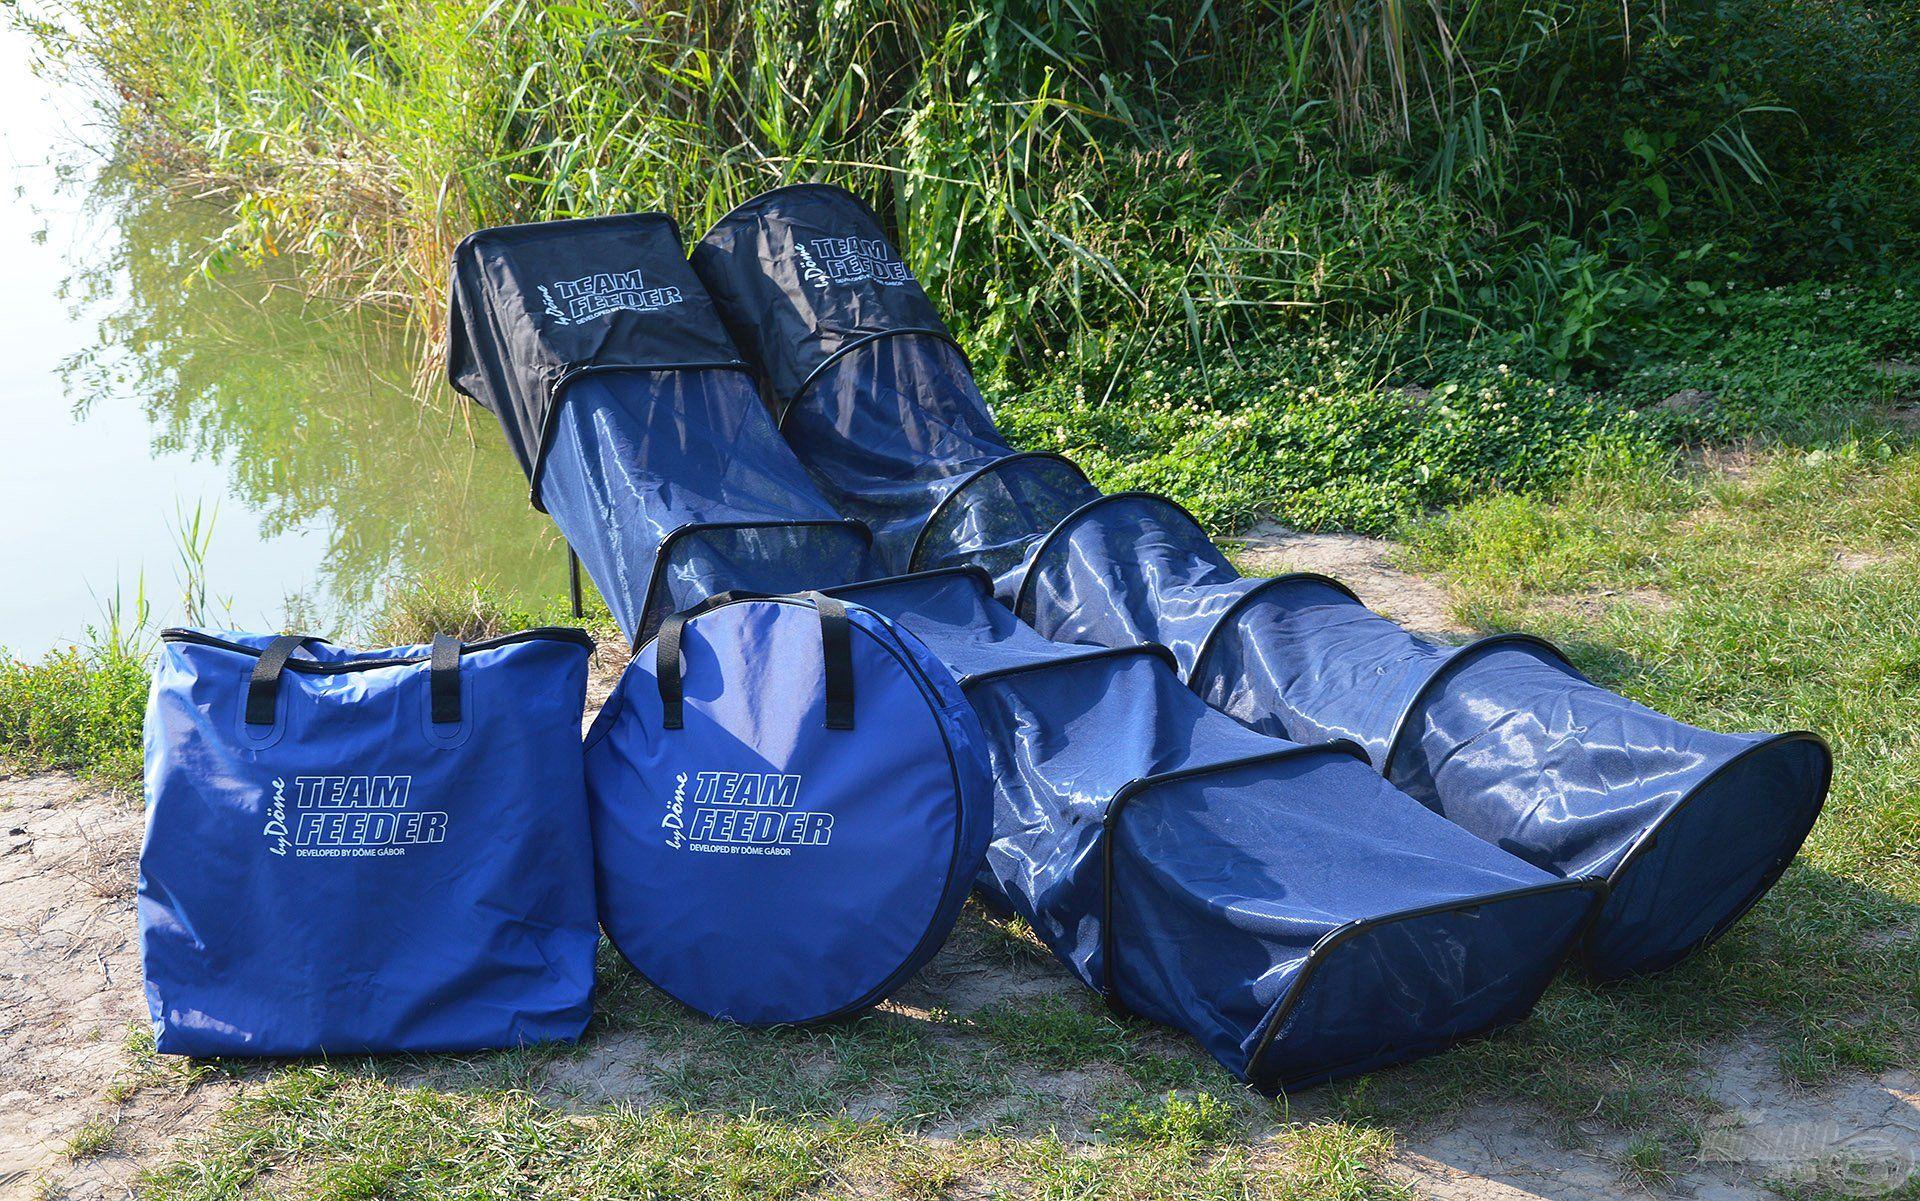 A kiváló minőségű TEAM FEEDER EVA Száktartó táskák a By Döme táskakollekció egyik leghasznosabb darabjai! Ahogy a versenyszákok, ezek is két különféle kialakítással, szögletes és kerek formában készülnek